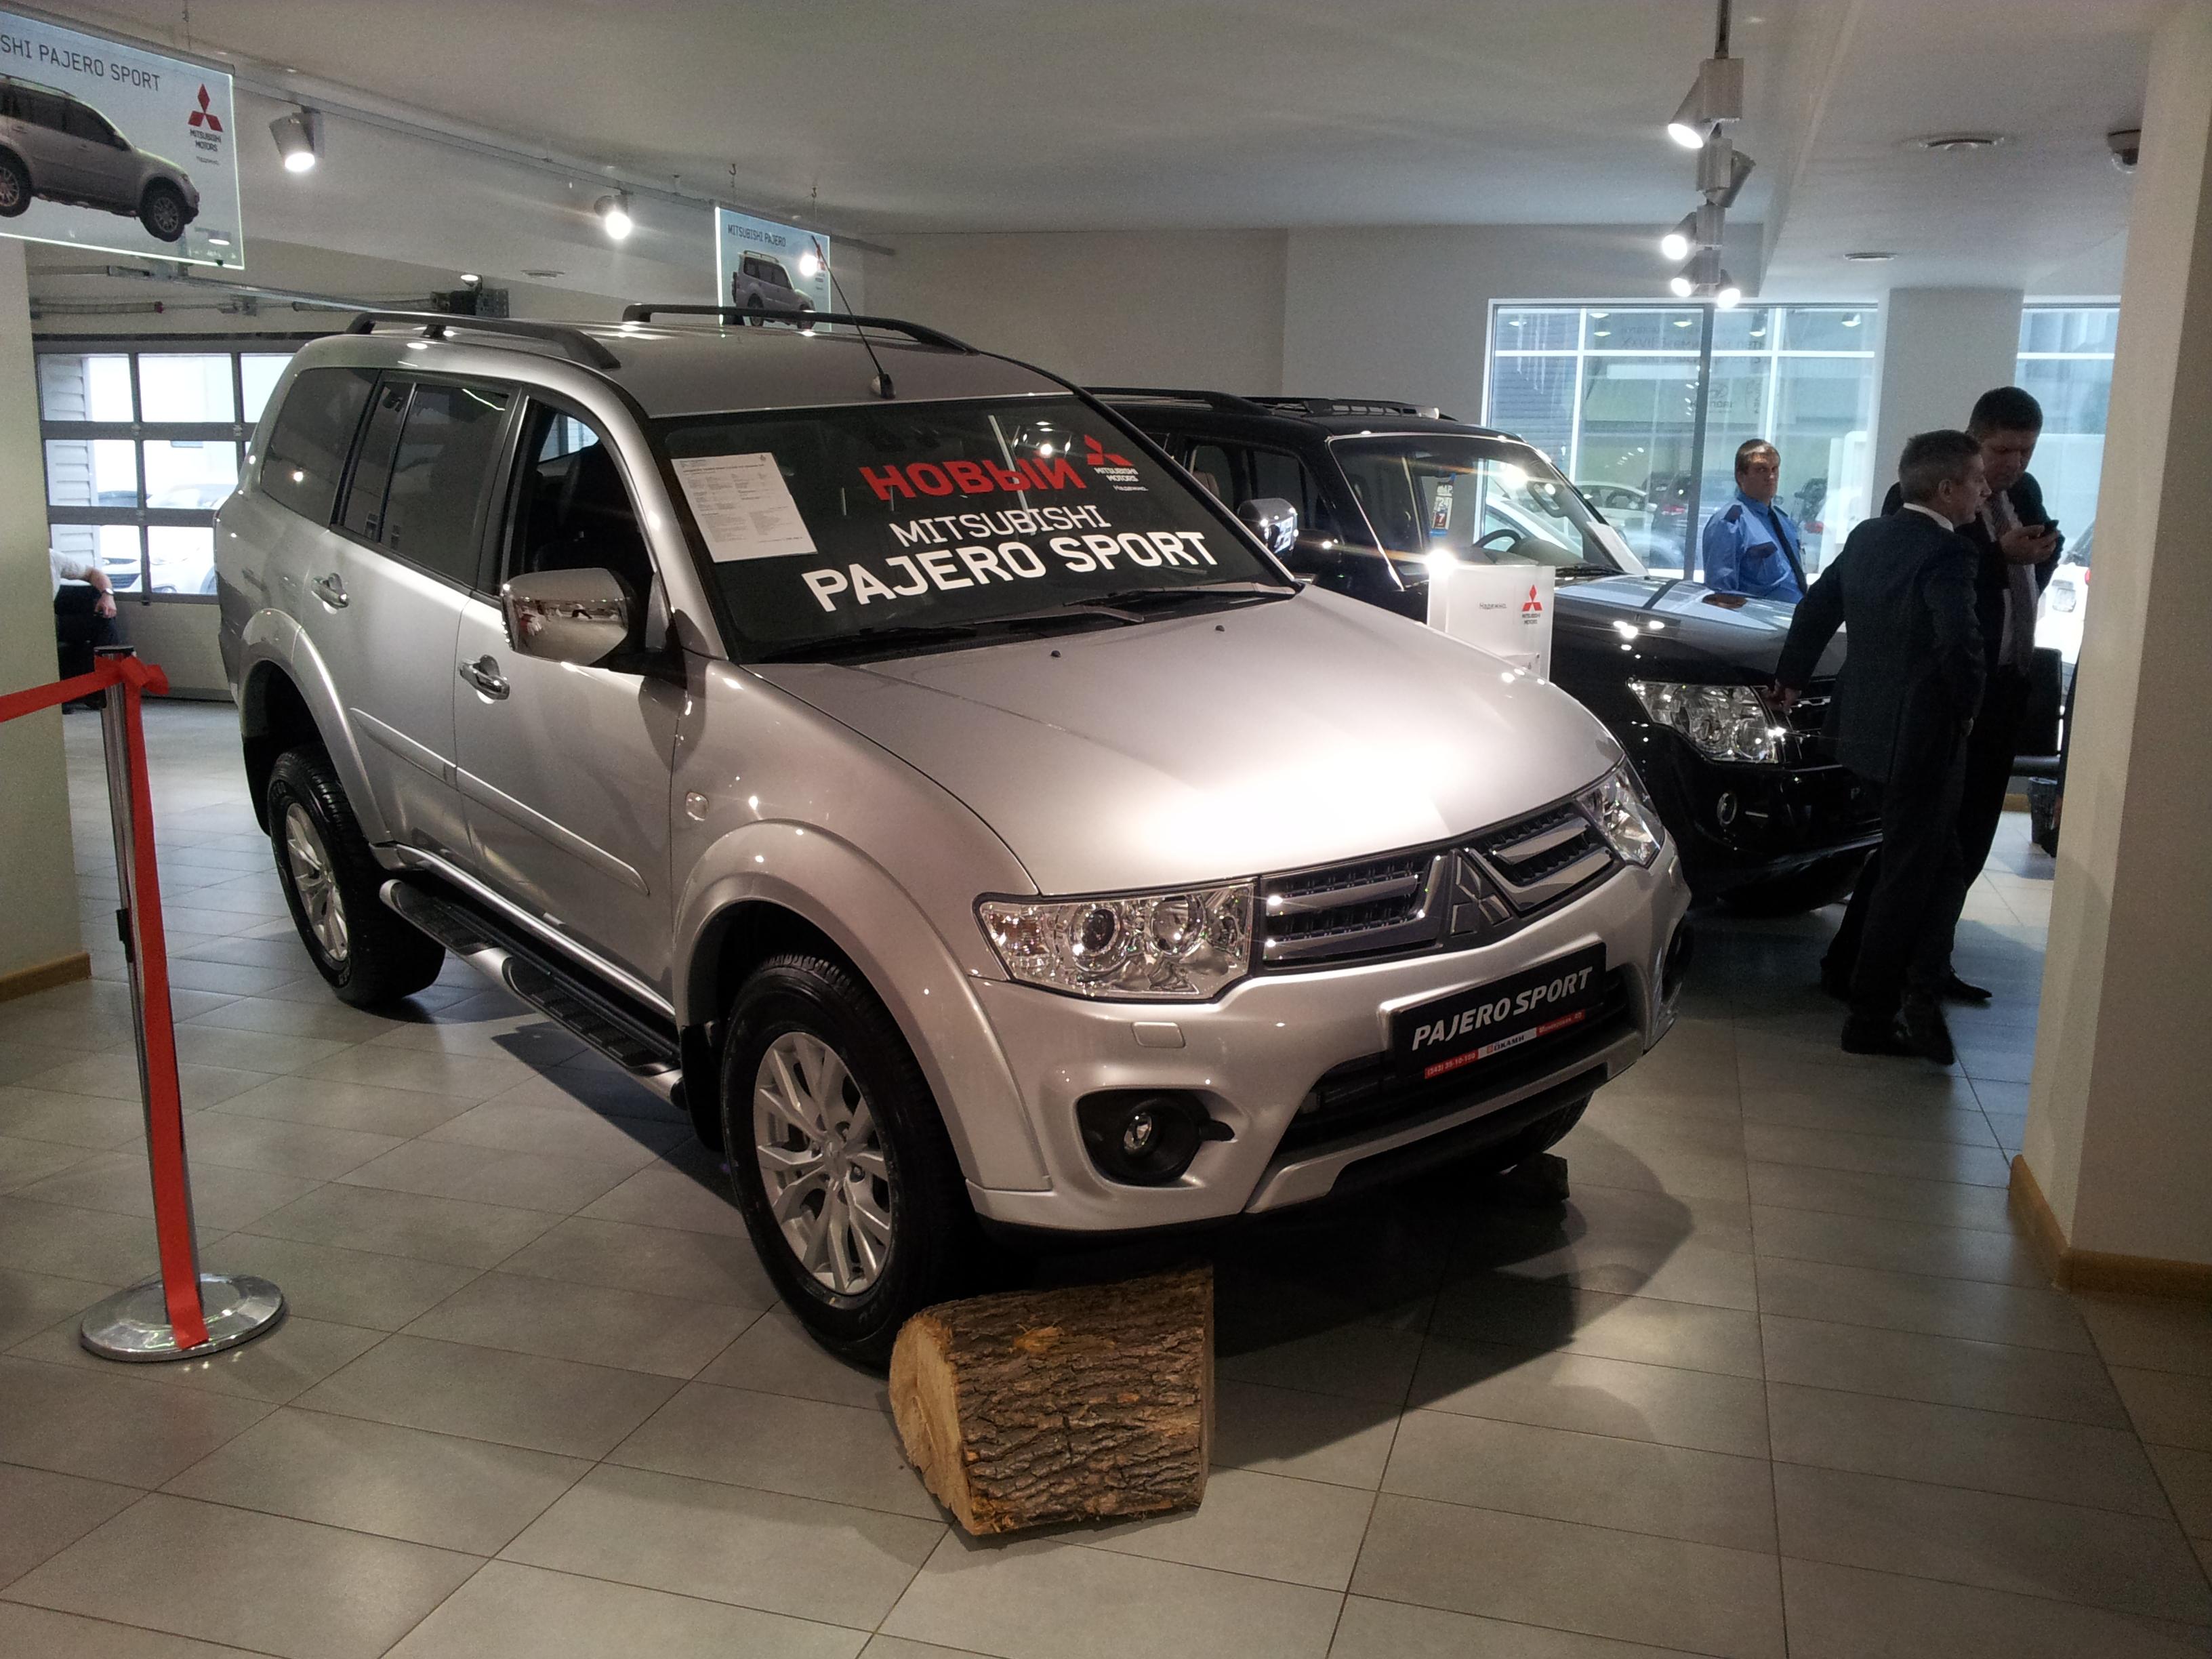 Обвал авторынка Екатеринбурга: хорошо только «японцам» и Renault